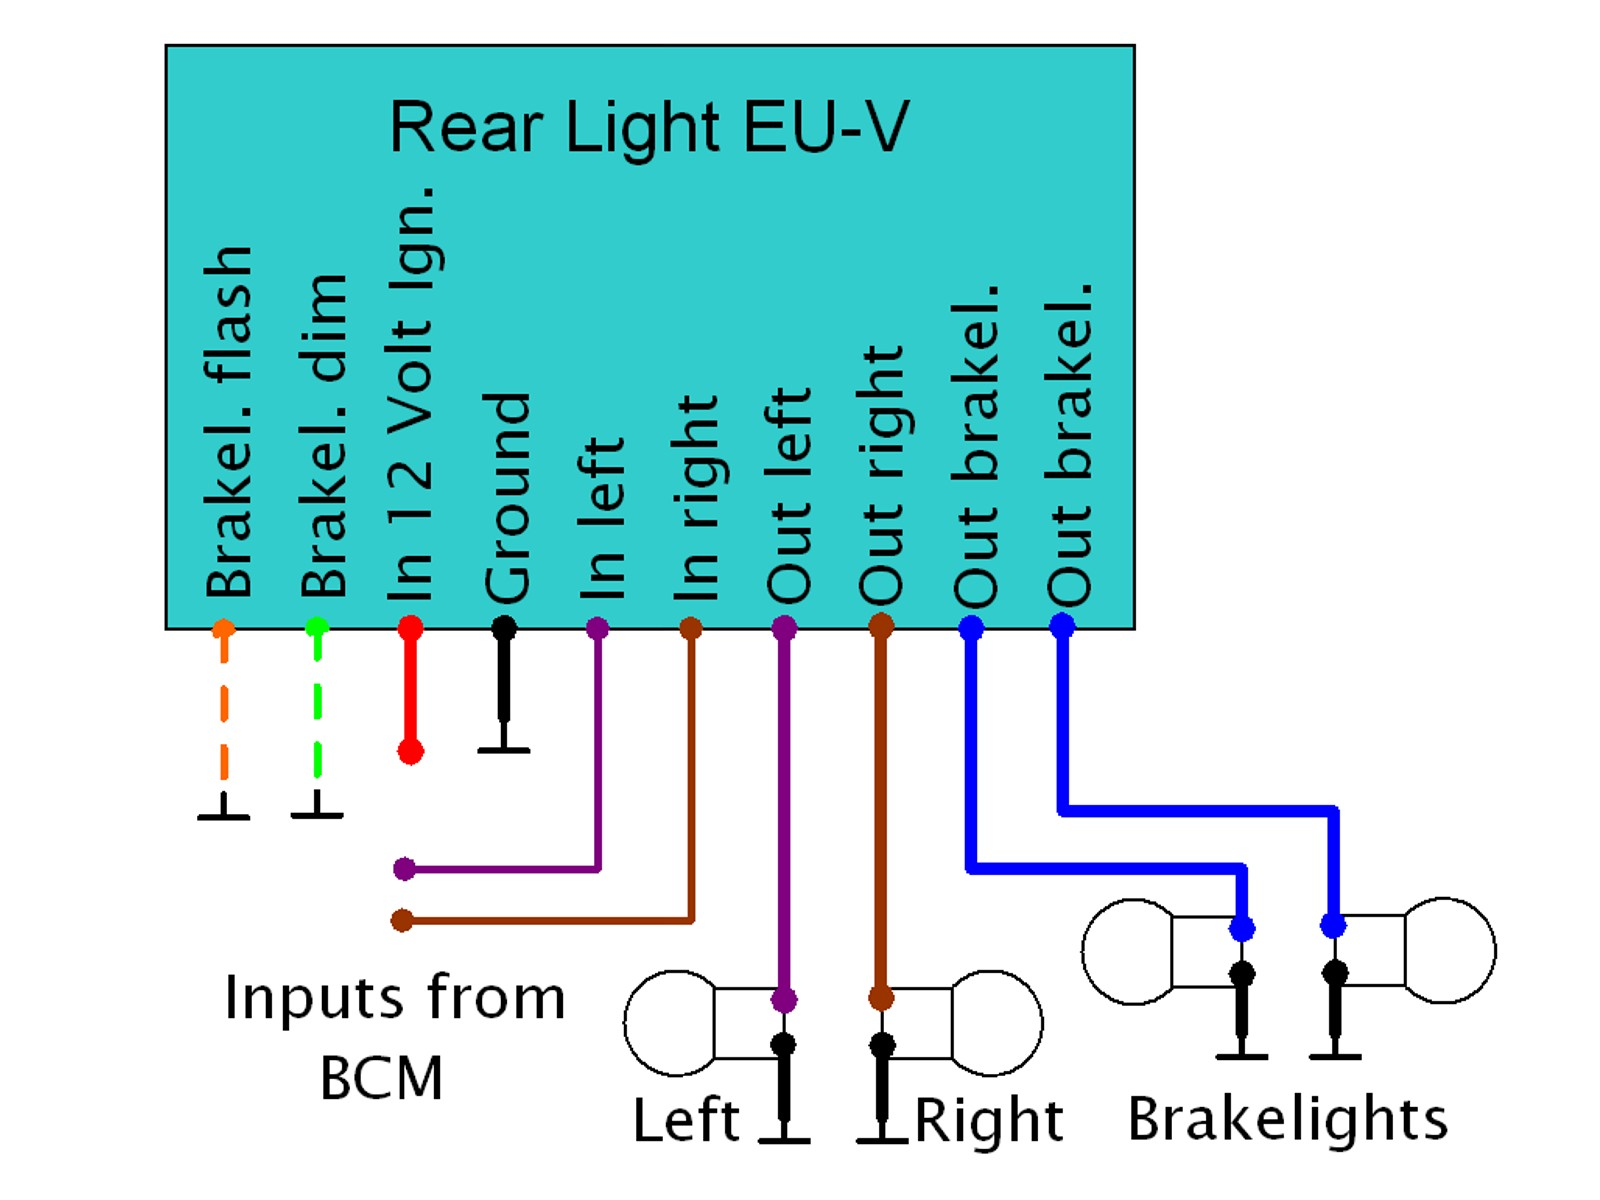 Rear Light EU-V